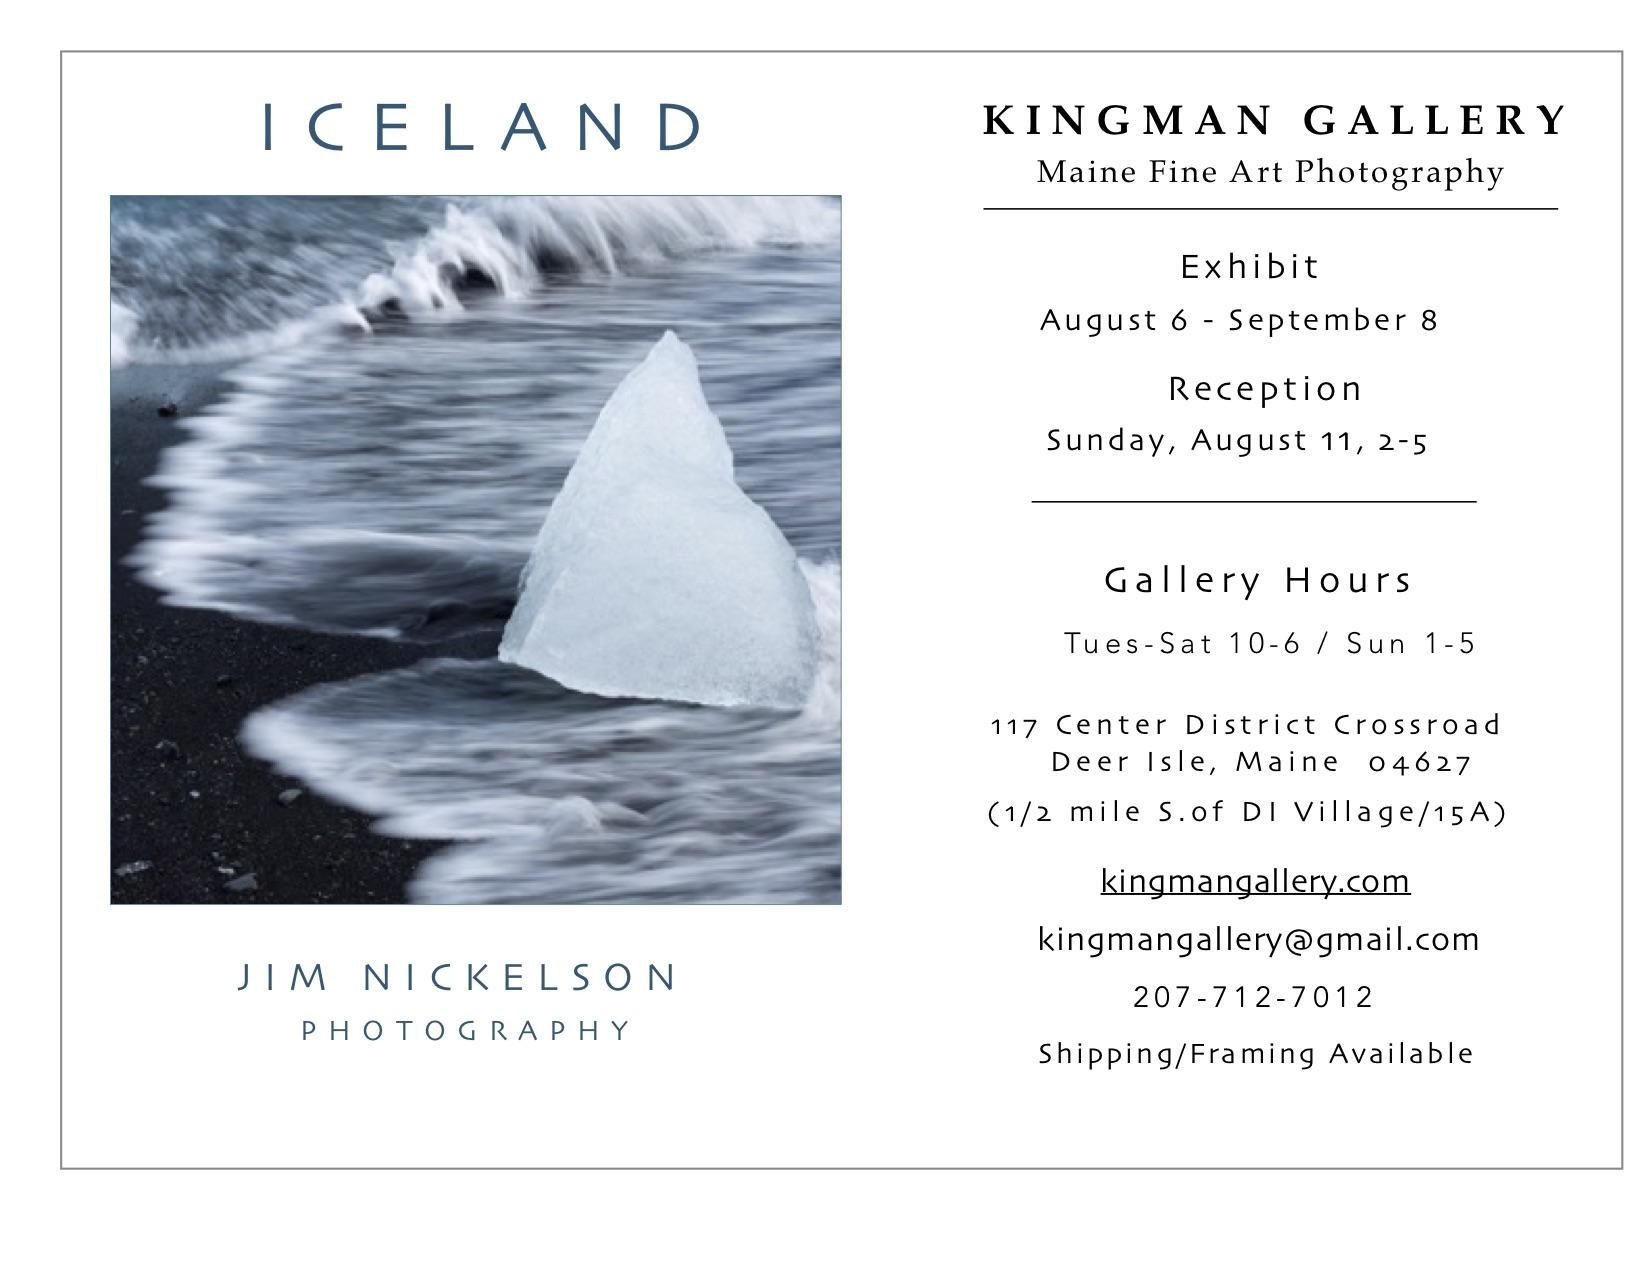 Iceland-nickelson-kingman.jpg